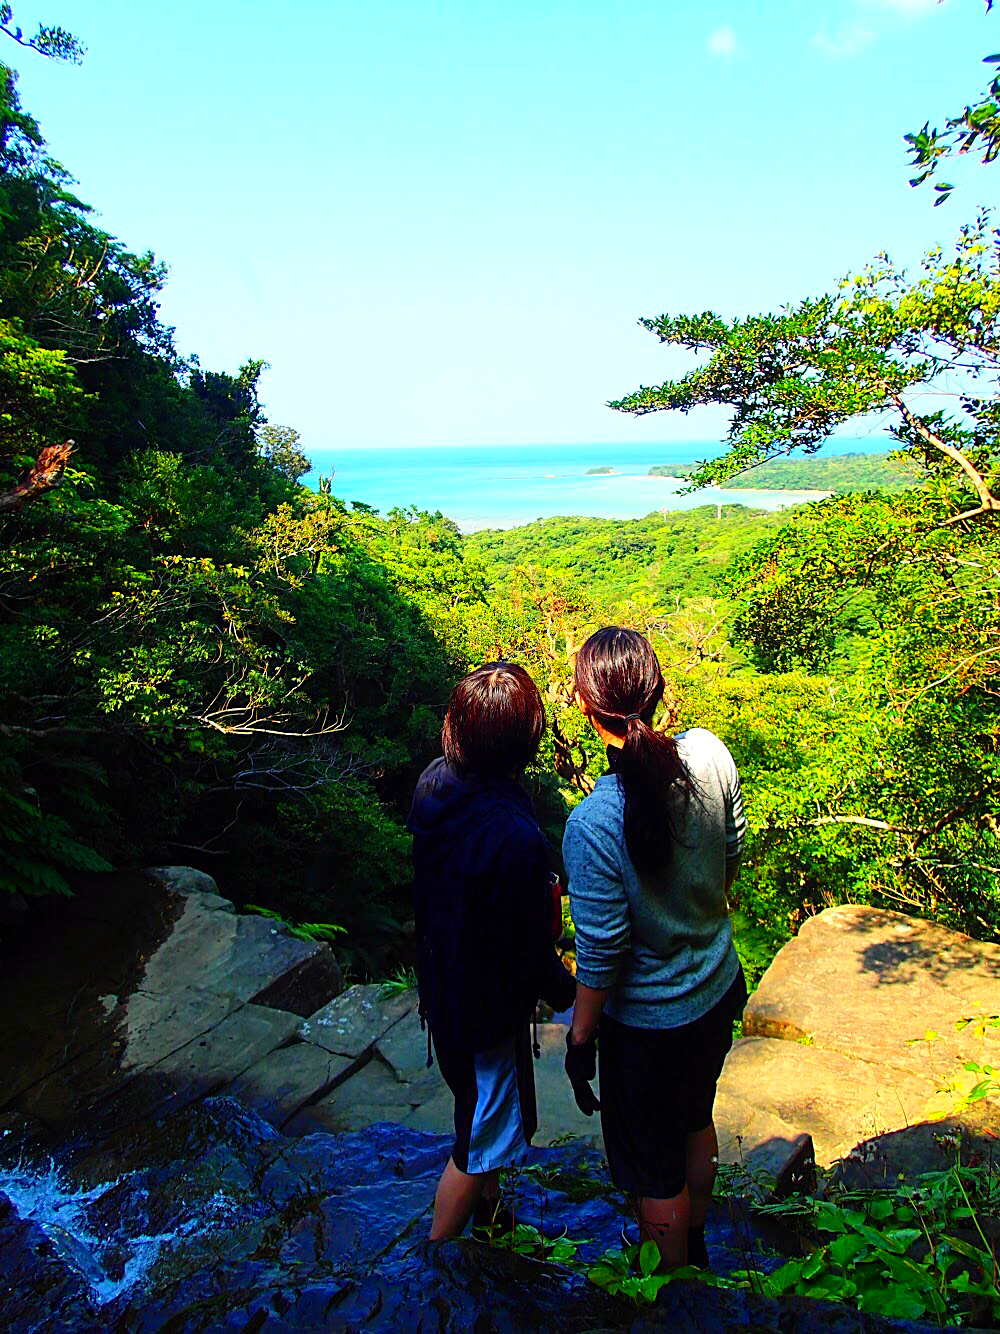 ジャングルの向こうにエメラルドブルーの海が見えます🌴 西表島で人気のアクティビティツアー体験 島旅で時間を贅沢に使おう〜 西表島 KEN GUIDE www.kenguide.info #西表島 #西表島旅行 #家族旅行 #女子旅 #トレッキング #sup #カヌー